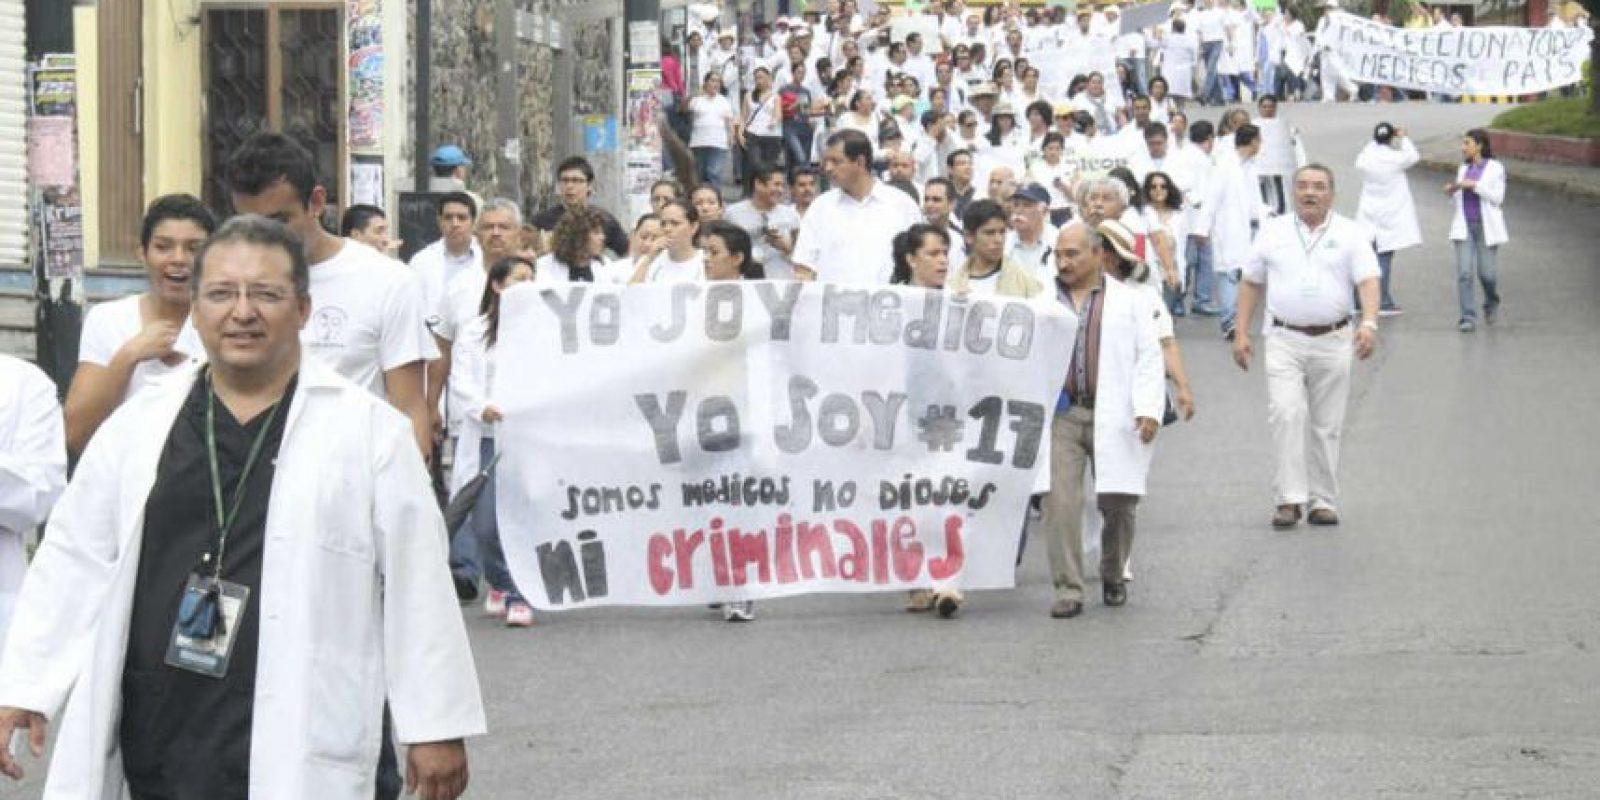 En 2014 se creó el movimiento en apoyo a 16 médicos contra quienes un juez en Jalisco libró órdenes de aprehensión por la muerte de un menor en 2009 Foto:Cuartoscuro | Archivo